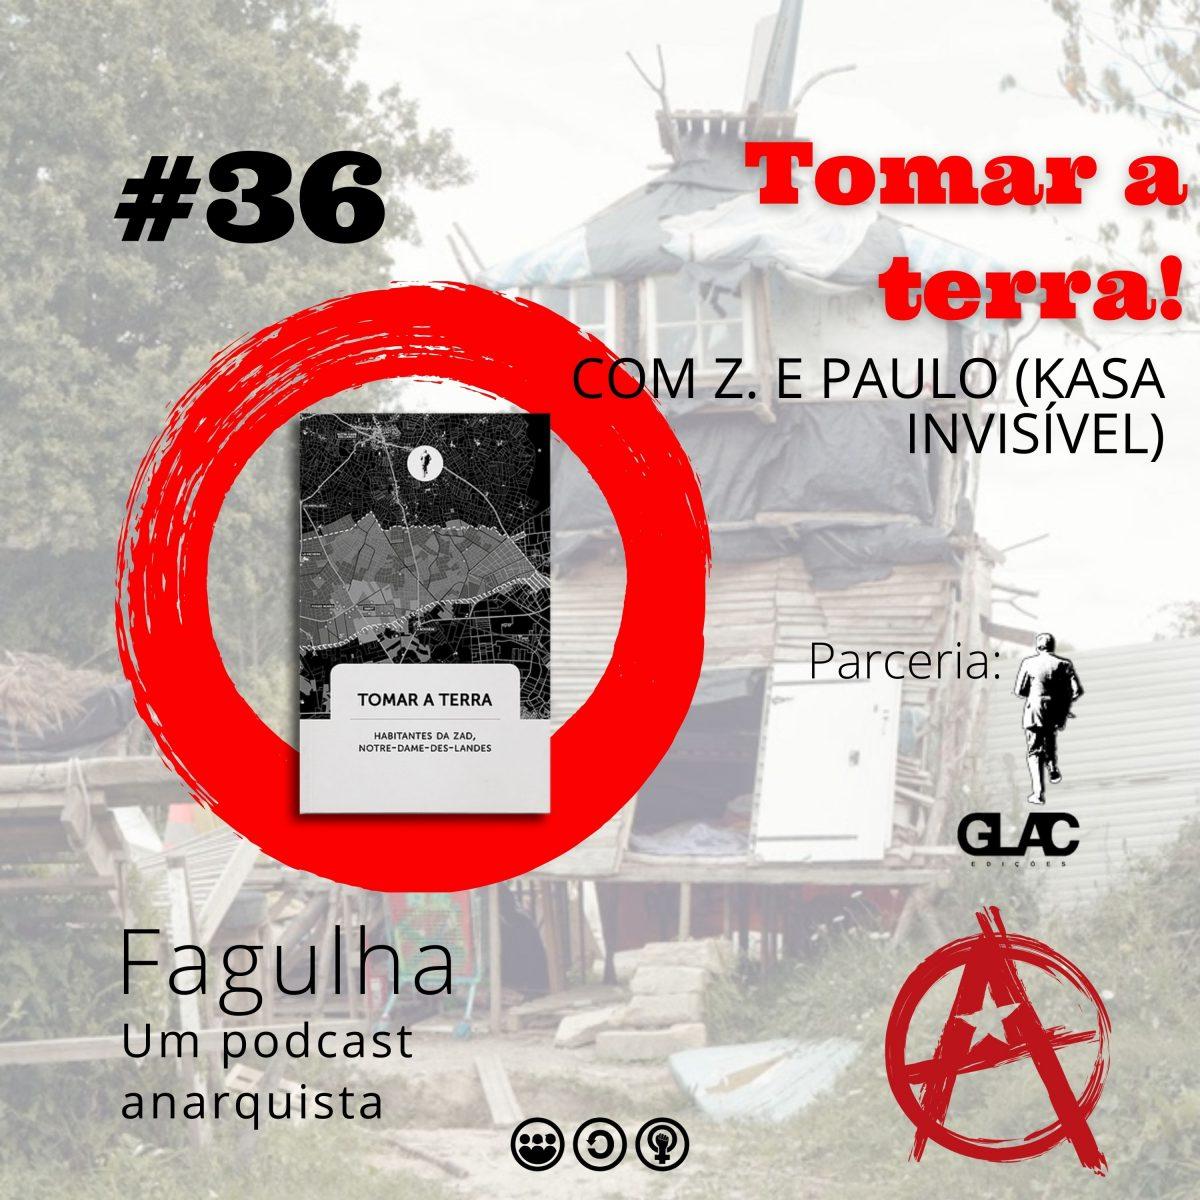 Fagulha #36: Tomar a Terra! Com Z. e Paulo (Kasa Invisível) – parceria GLAC Edições